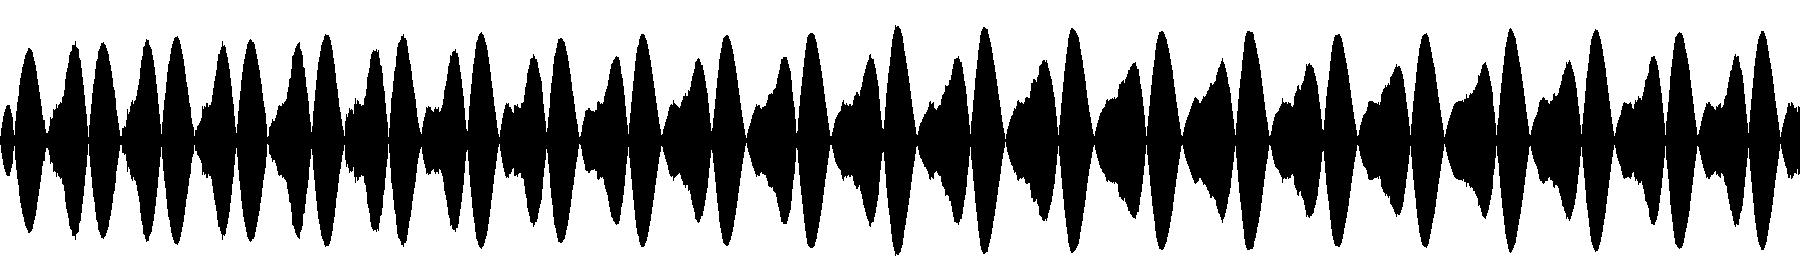 gia sound 13 c3